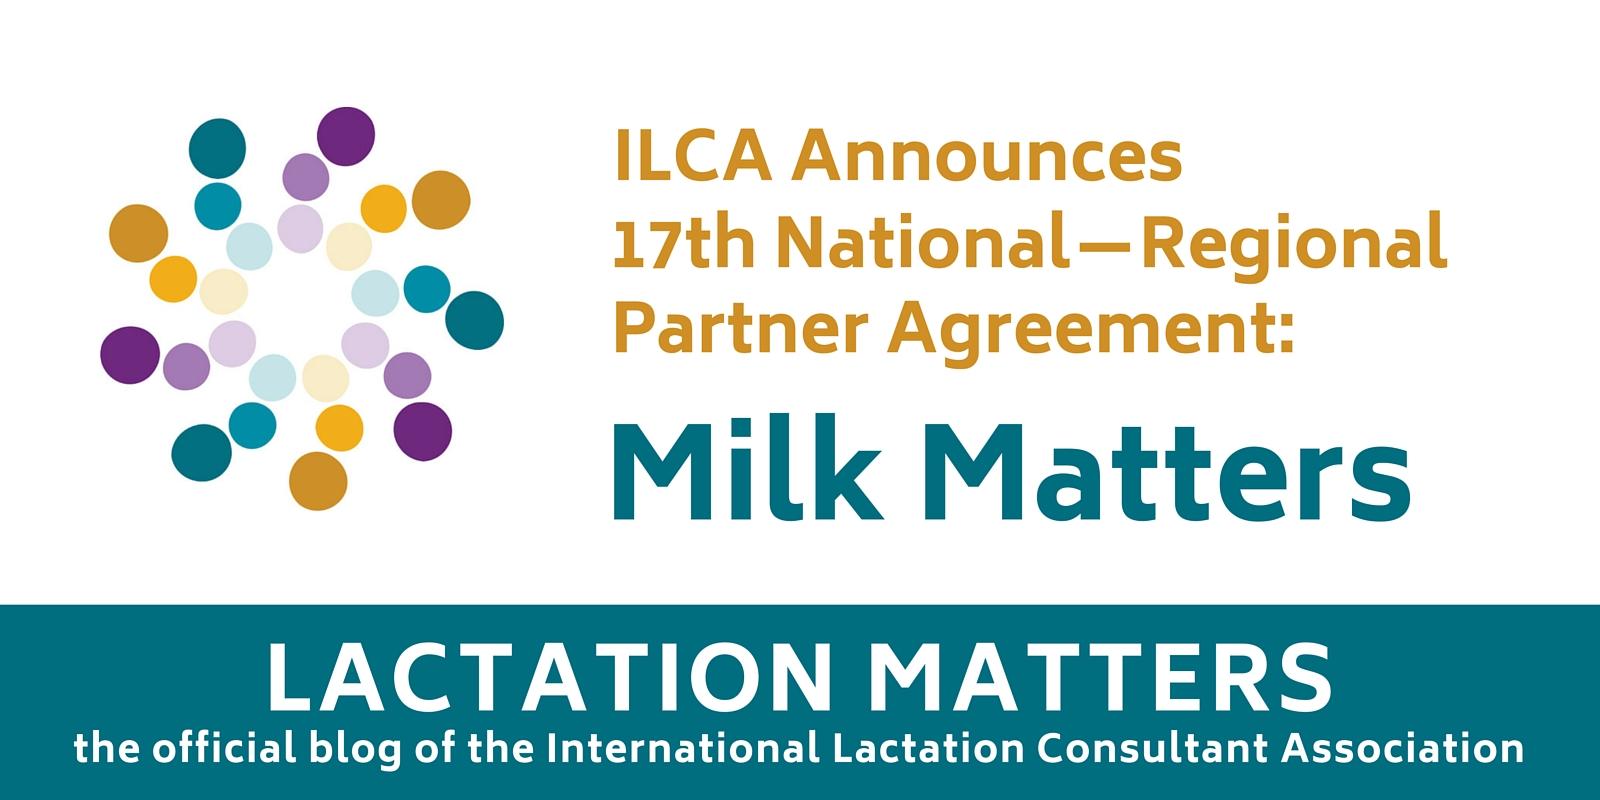 Lactation Matters milk matters